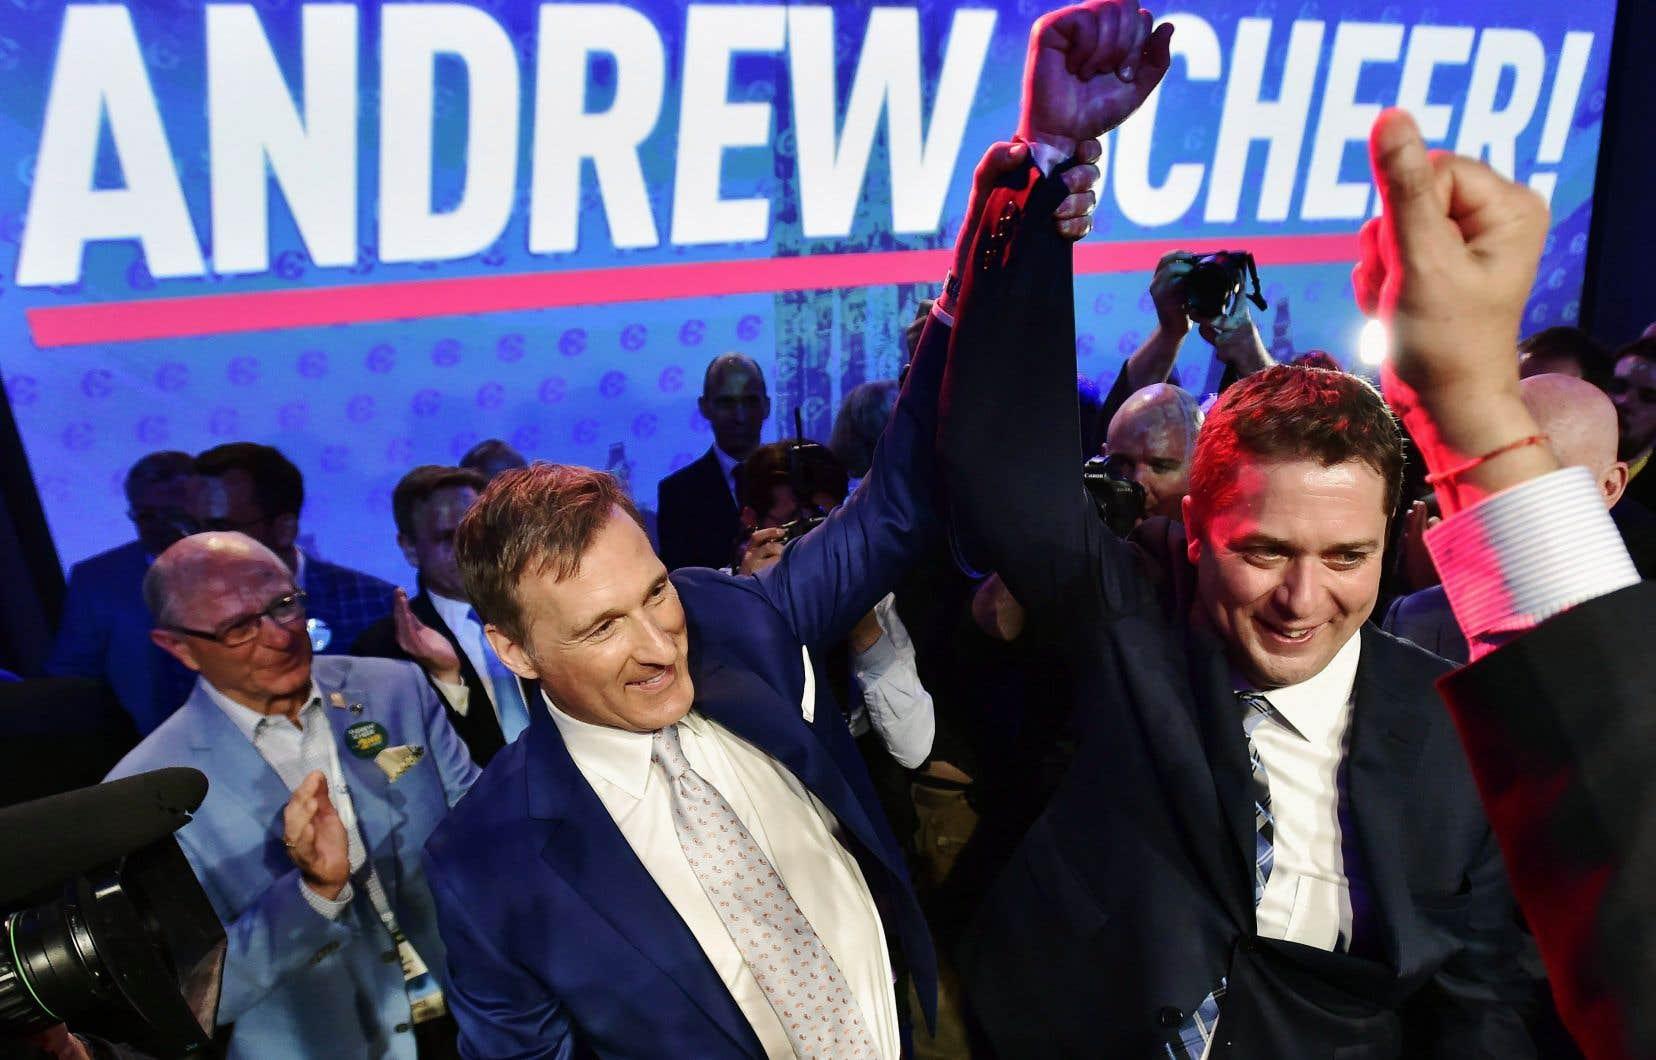 Deuxième l'an dernier dans la course à la chefferie du Parti conservateur, Maxime Bernier avait célébré la victoire de son adversaire Andrew Scheer devant les partisans.